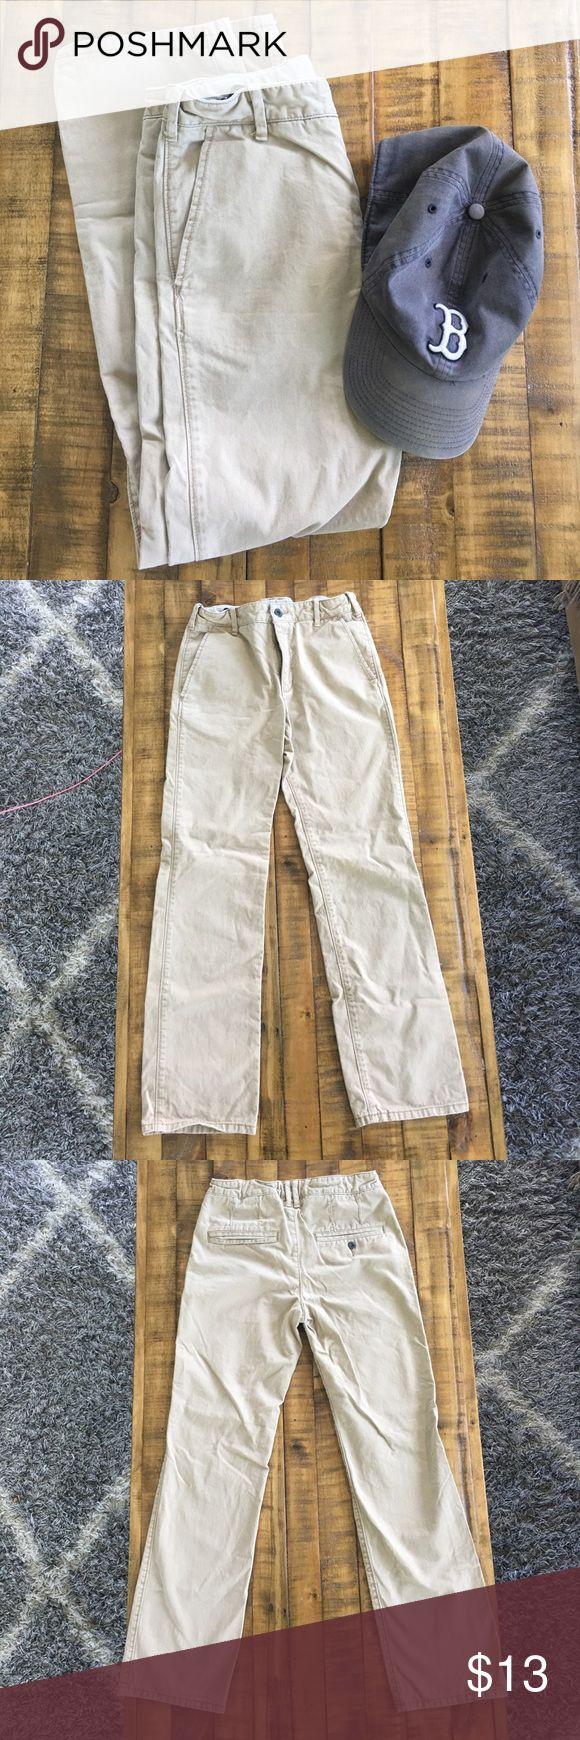 Gap Kids Boys Tan Slim Fit Khaki Pants 🏆 EUC boys Gap chino slim fit khaki pants with adjustable waist. GAP Bottoms